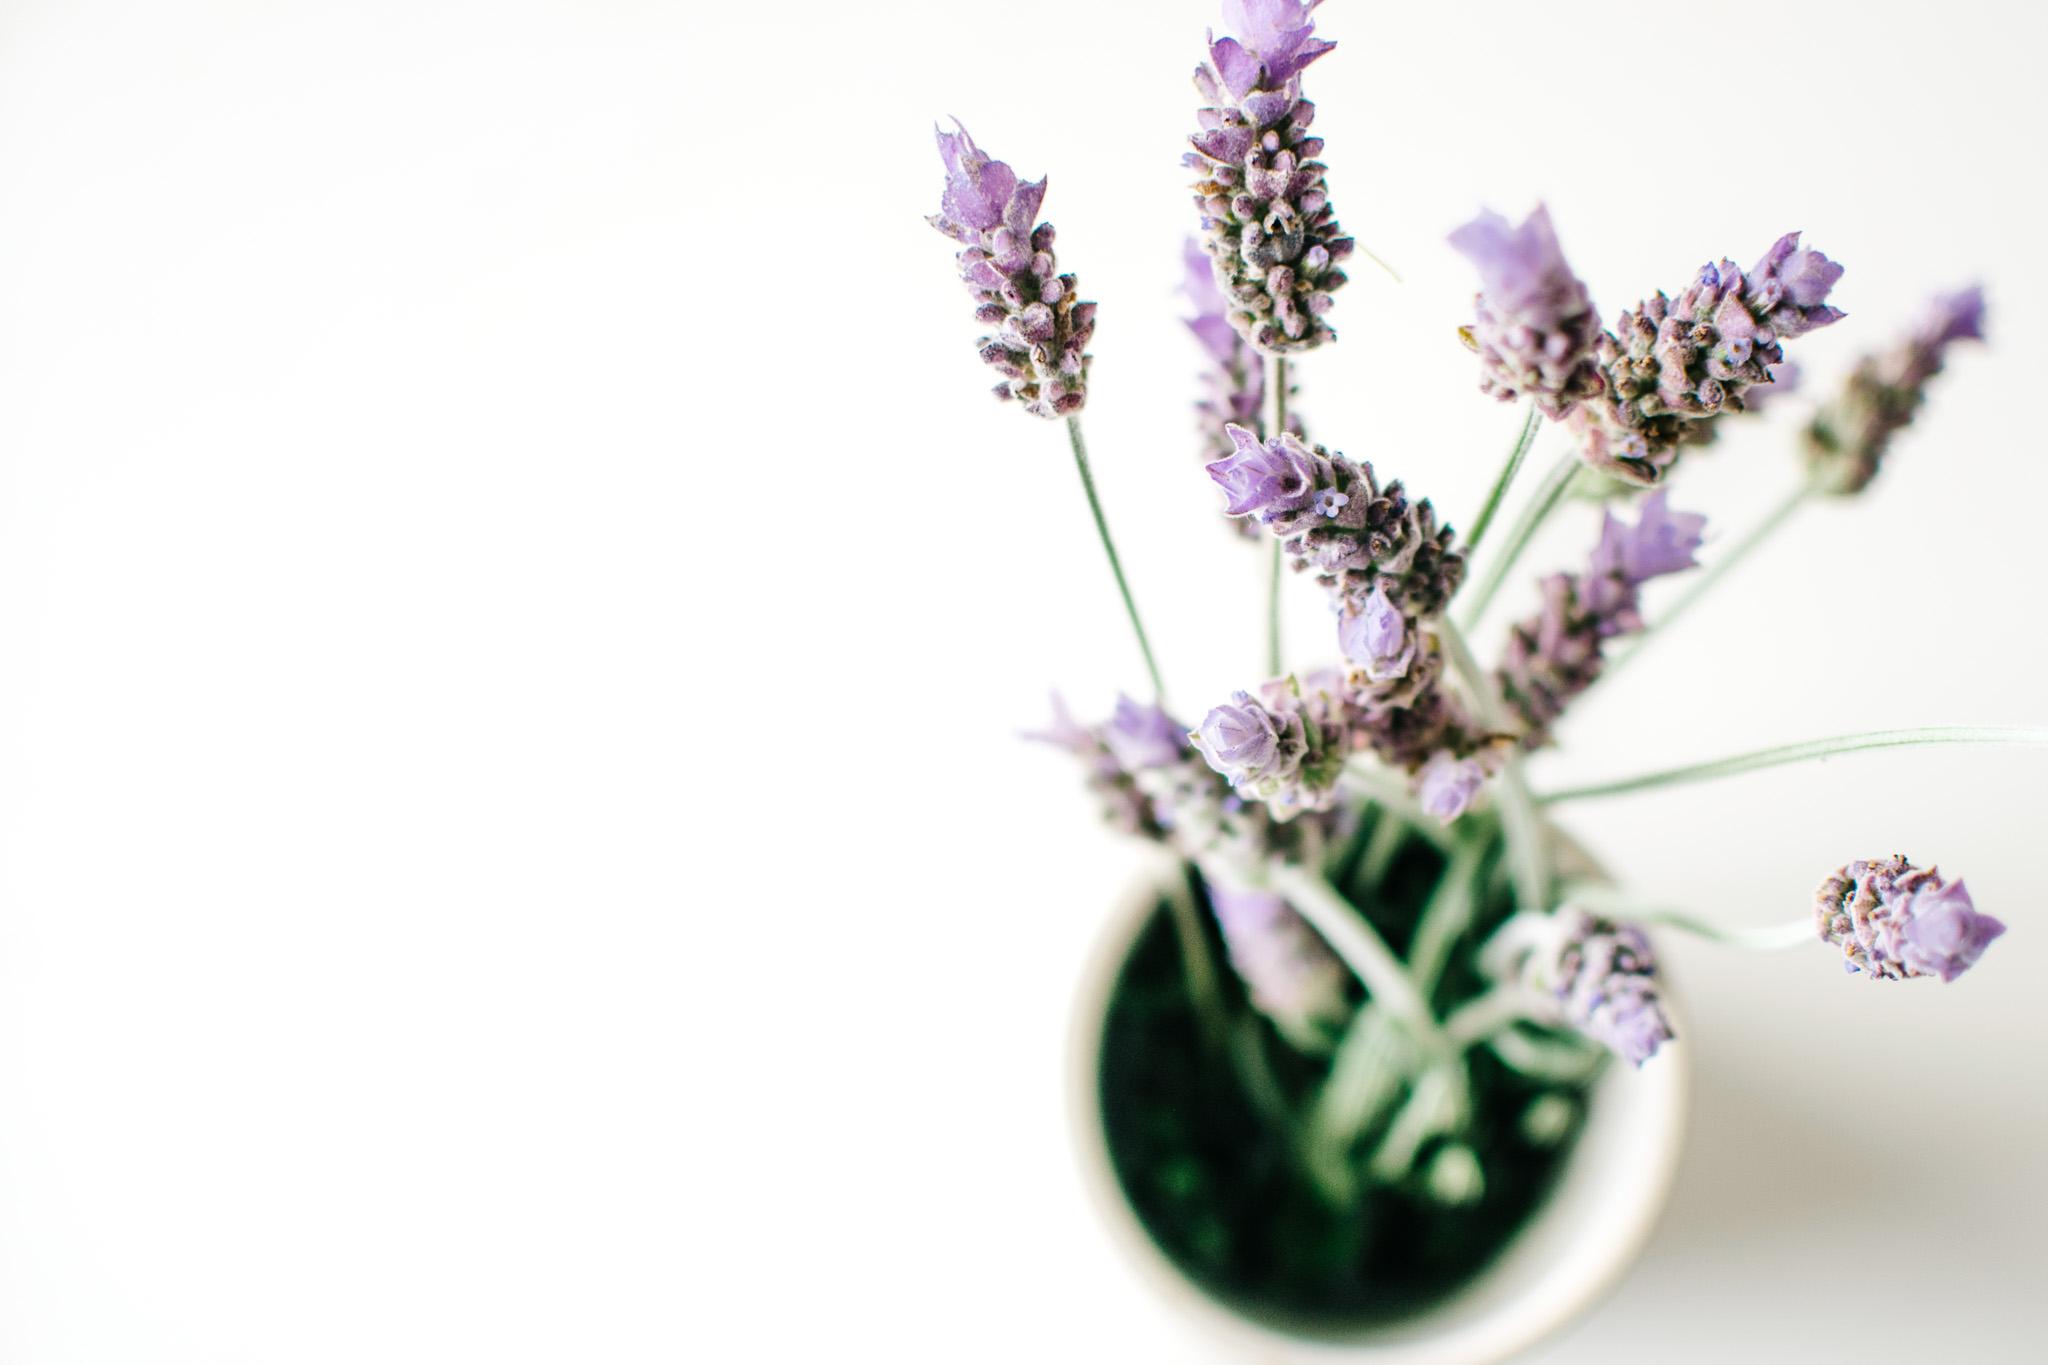 Αποτέλεσμα εικόνας για Lavender